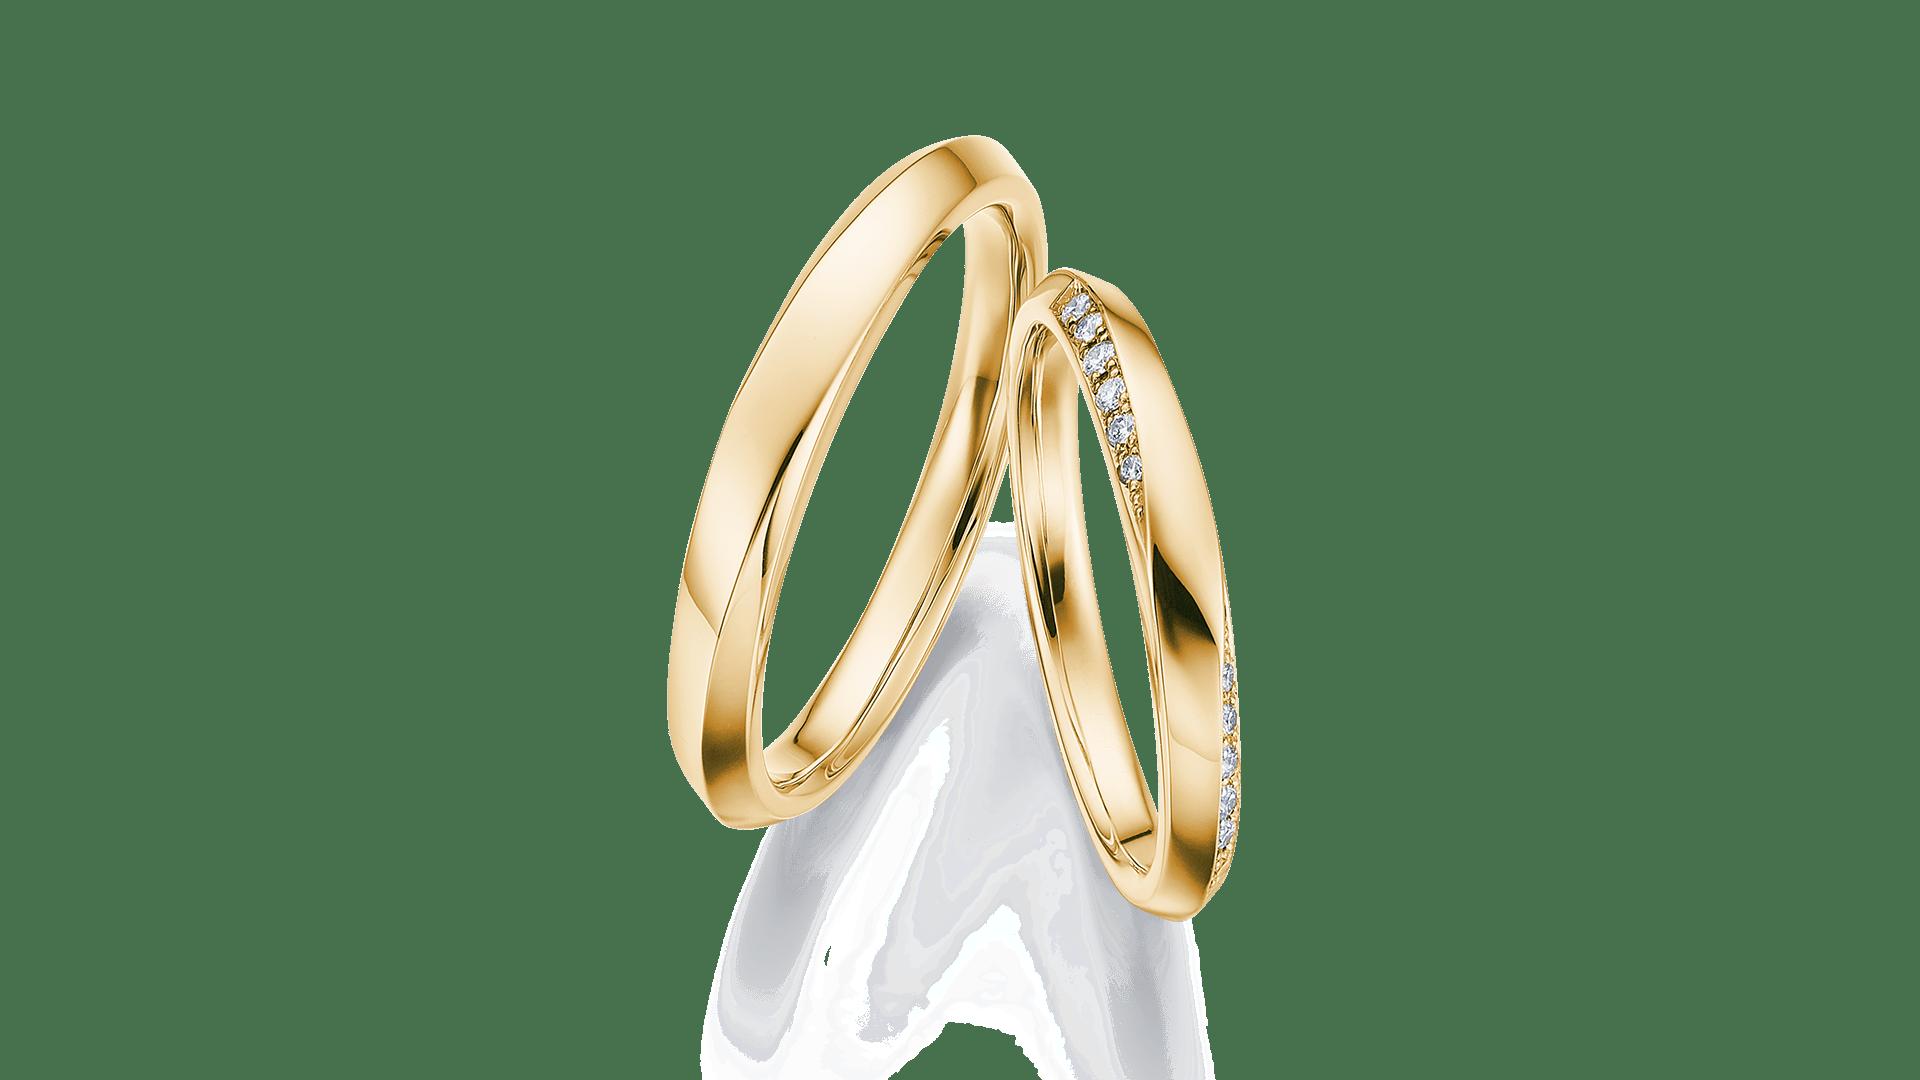 penelope ペネロープ | 結婚指輪サムネイル 2